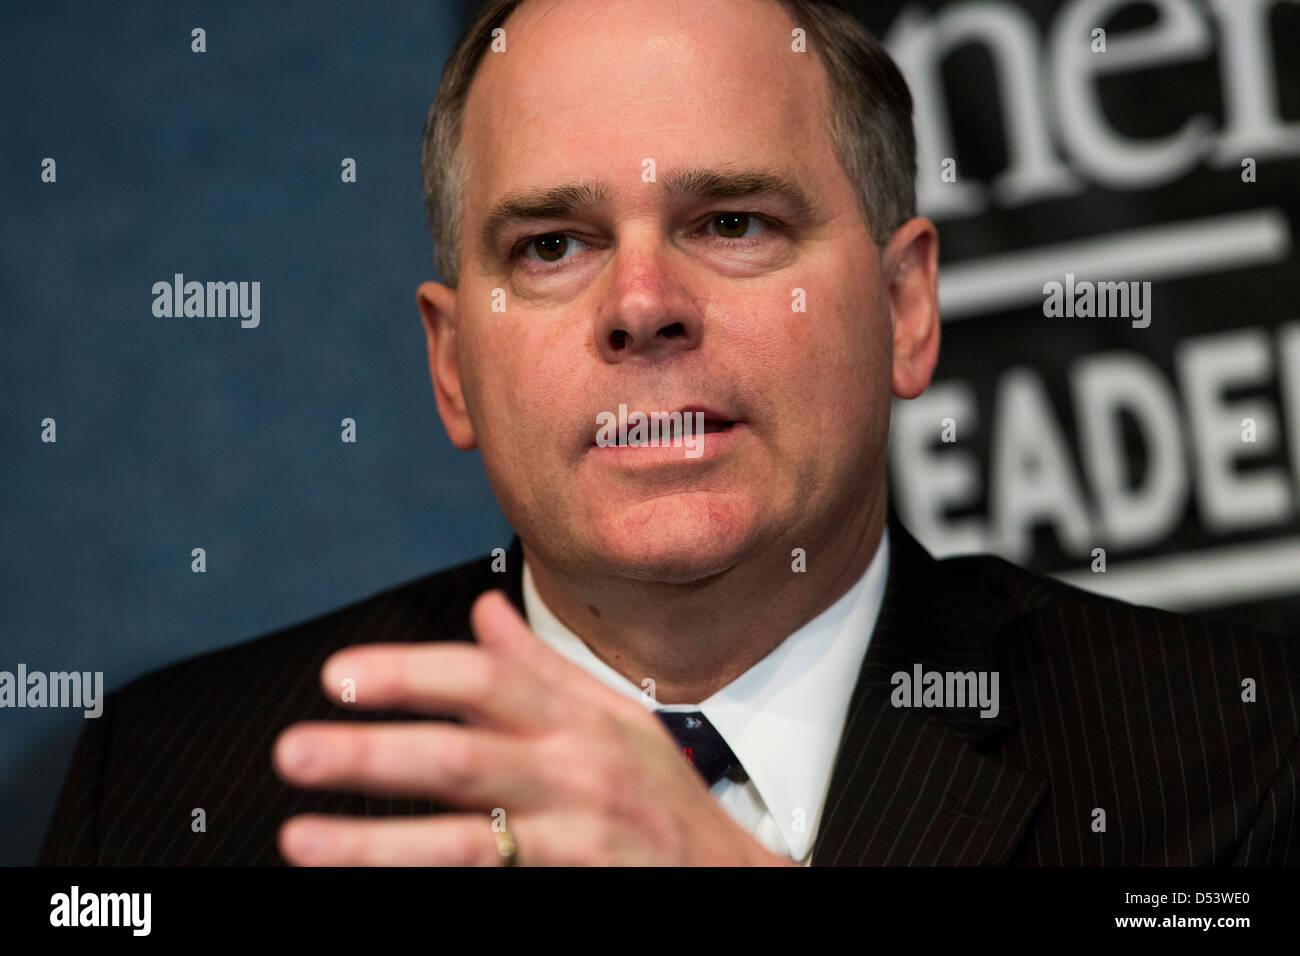 Nick Akins, Präsident und CEO von American Electric Power. Stockbild